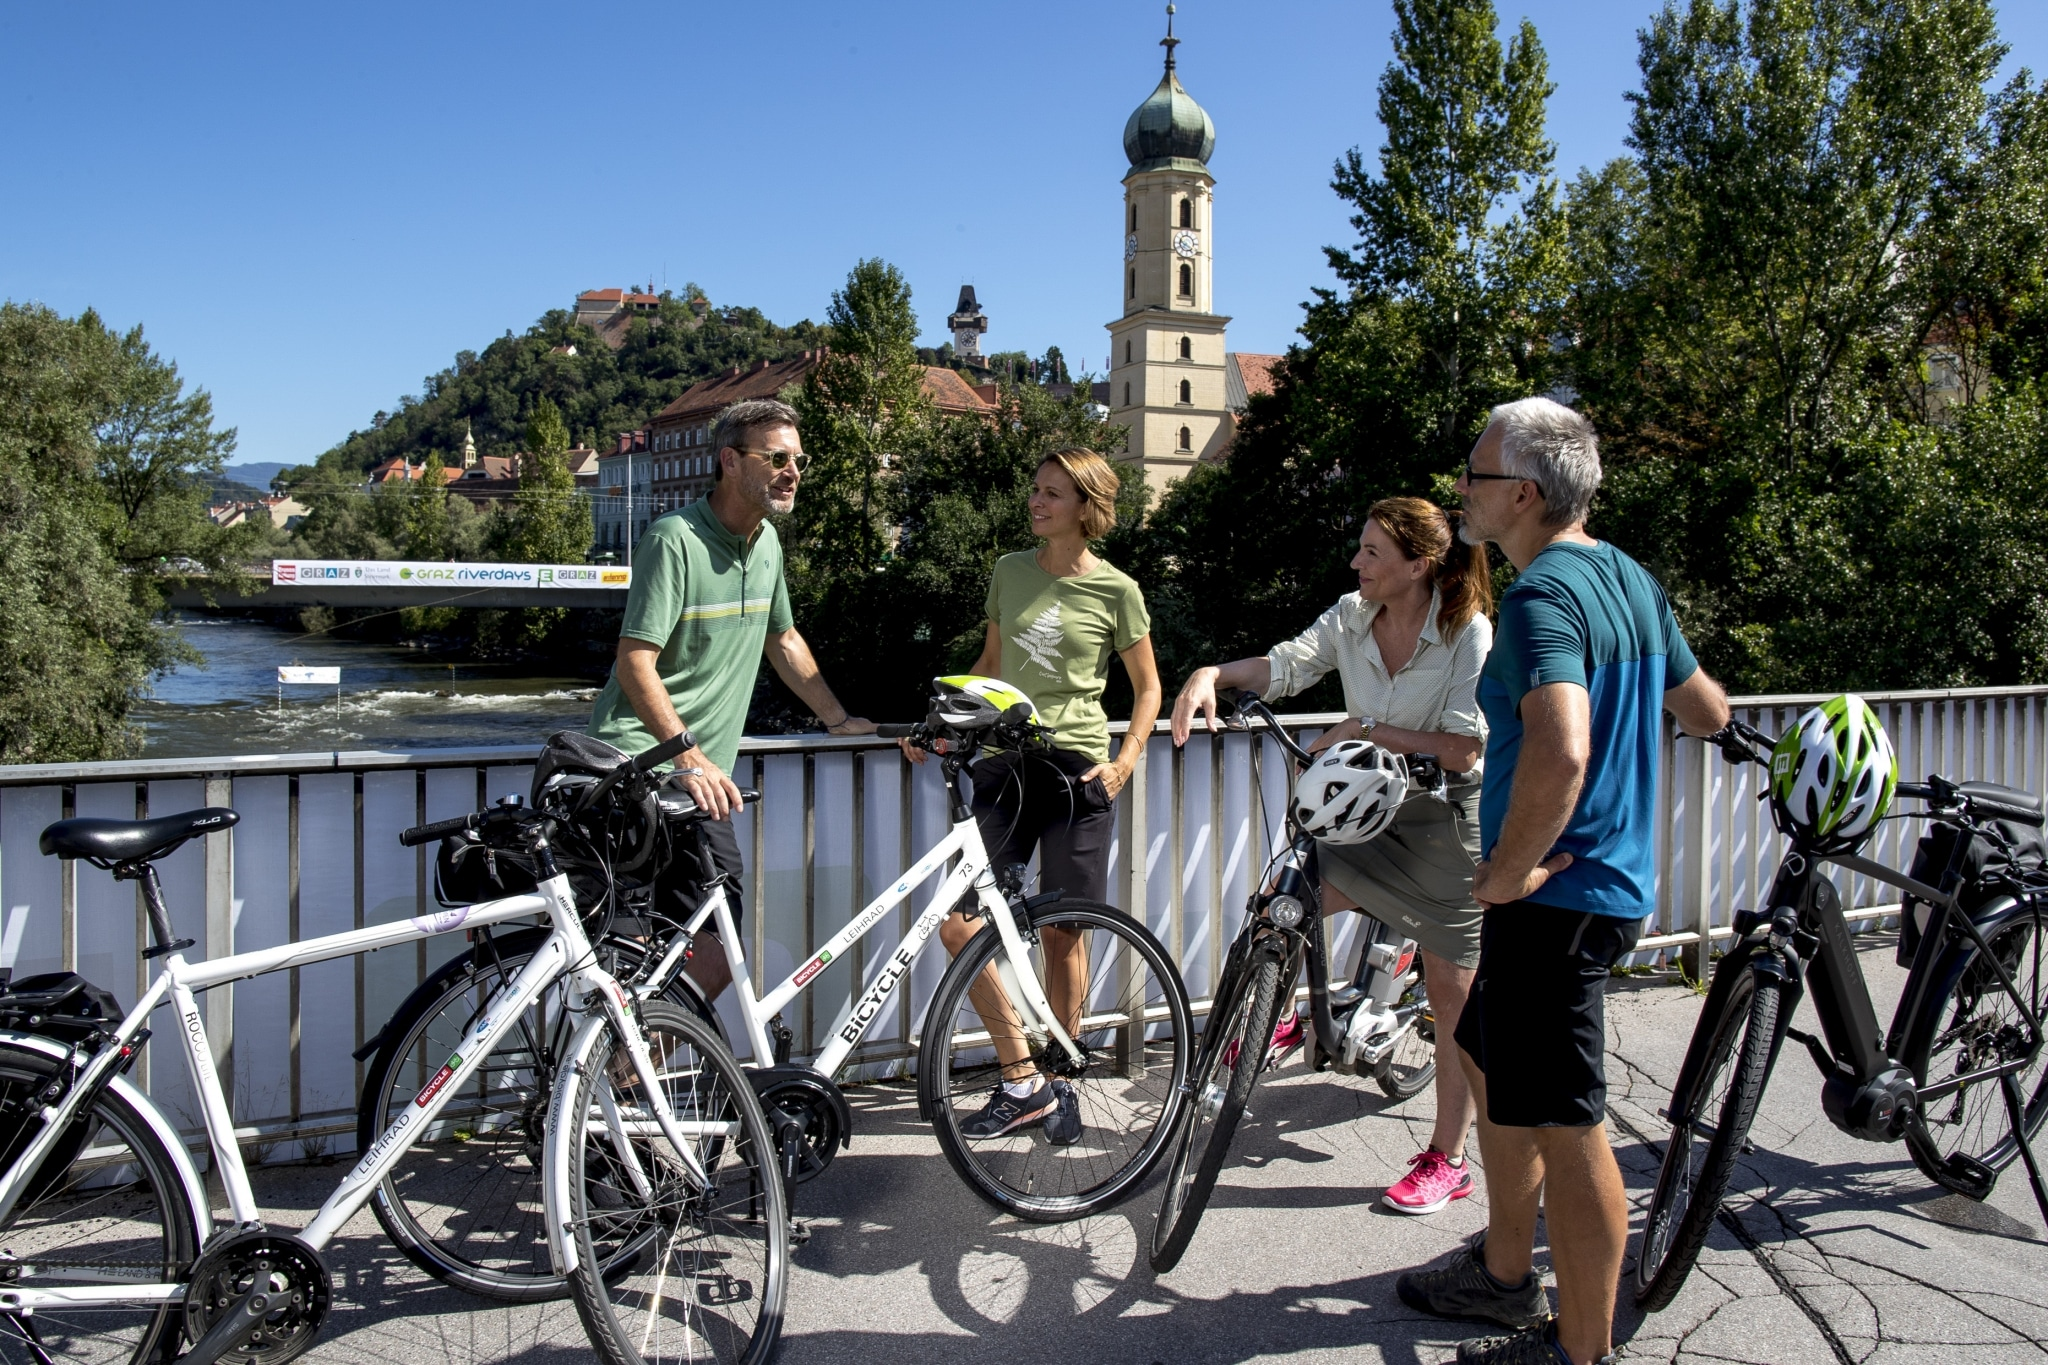 Radfahren am Murradweg, in Graz, Tegetthoffbrücke mit Blick auf